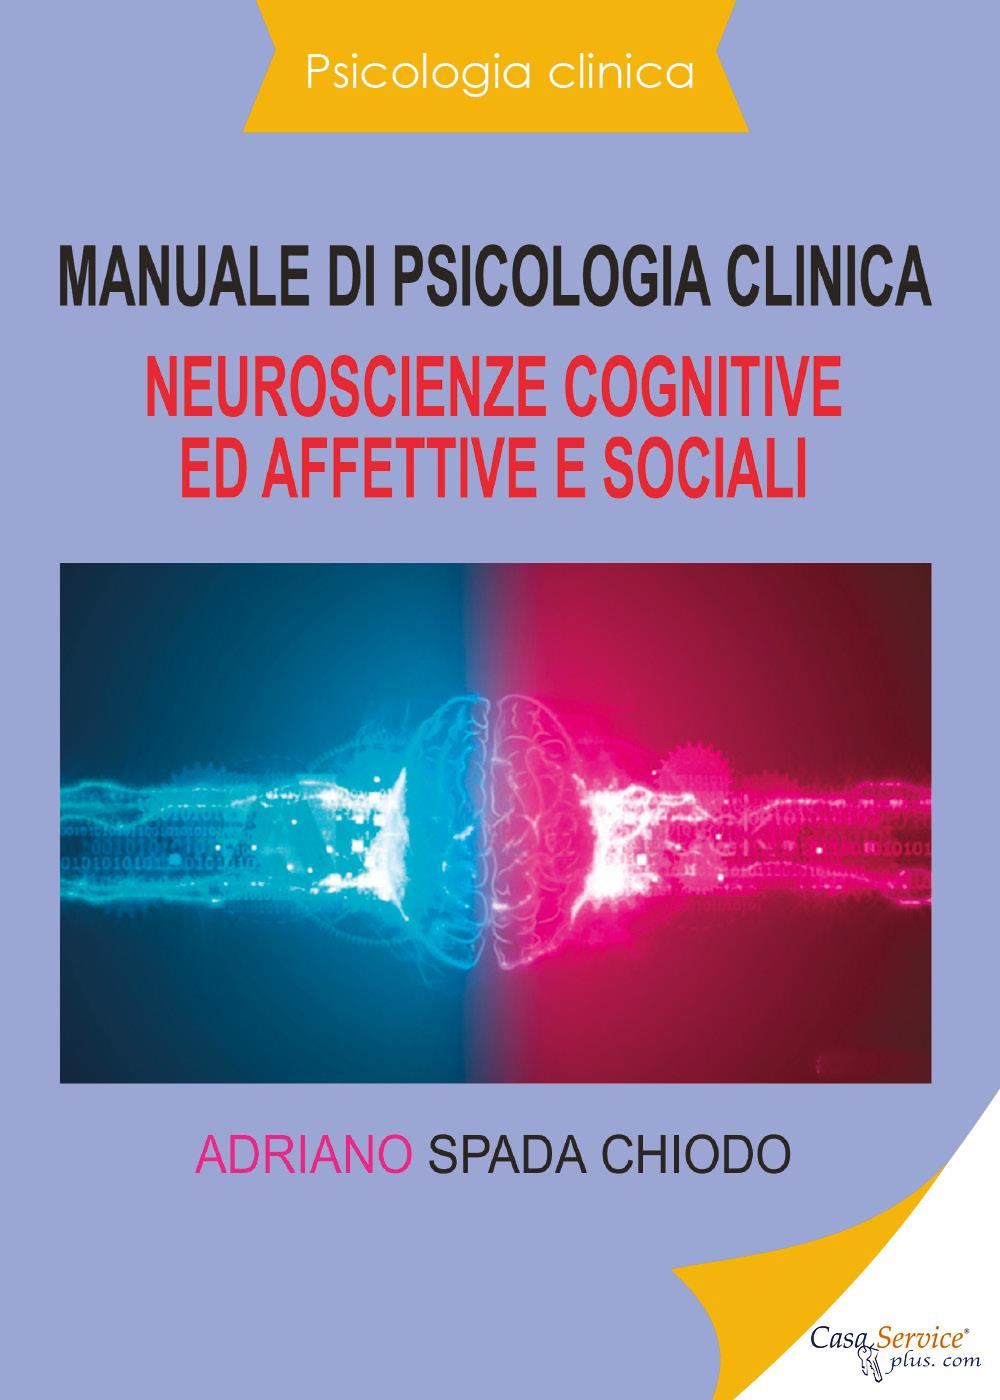 Psicologia clinica - Manuale di psicologia clinica - Neuroscienze cognitive ed affettive e sociali